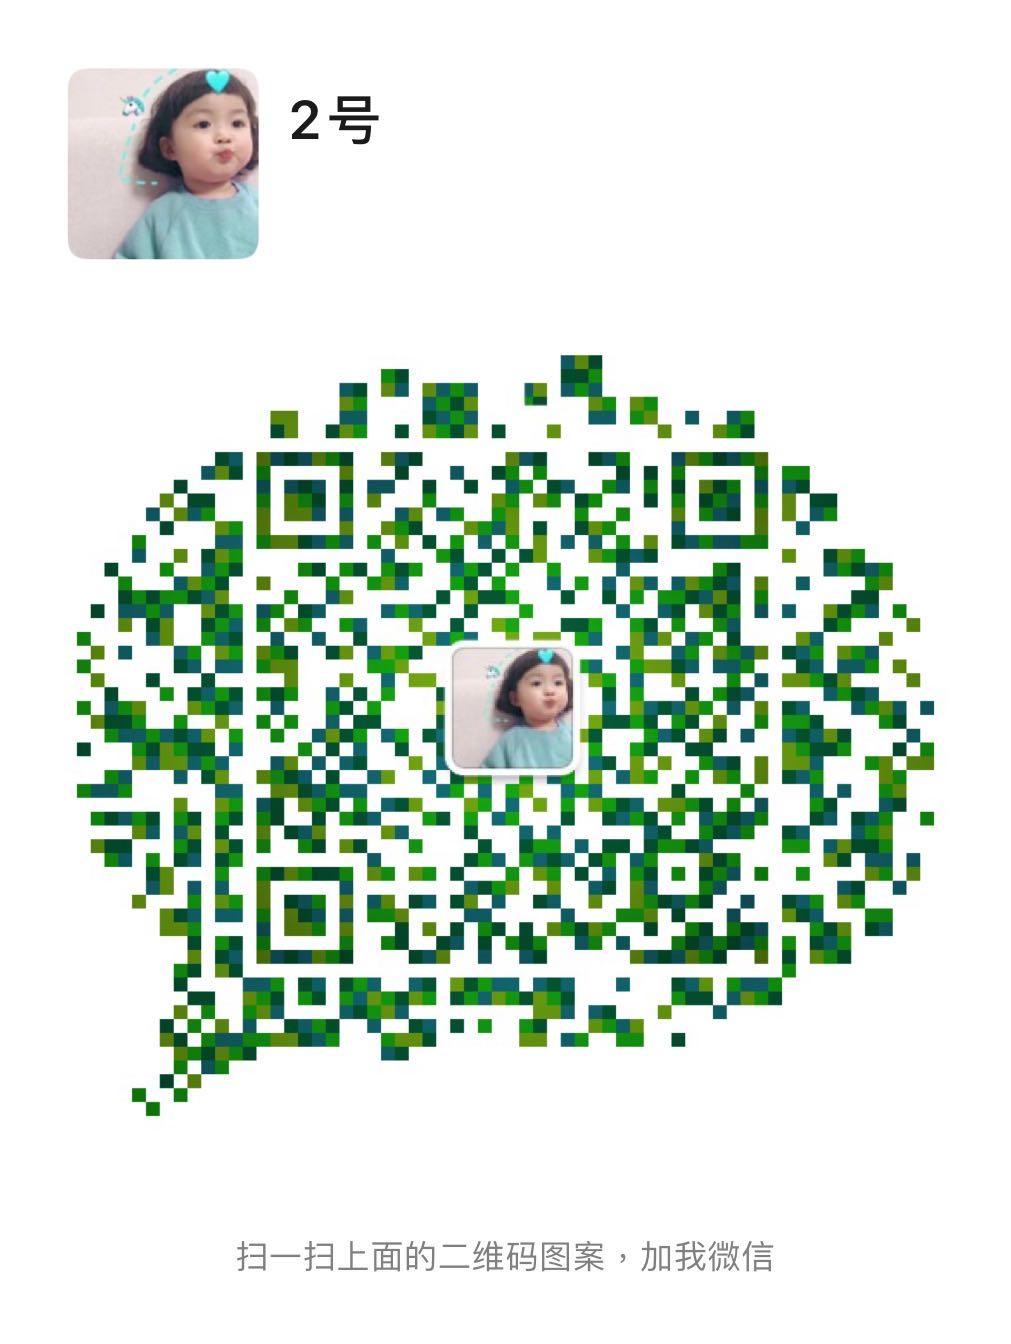 微信图片_20200403135751.jpg